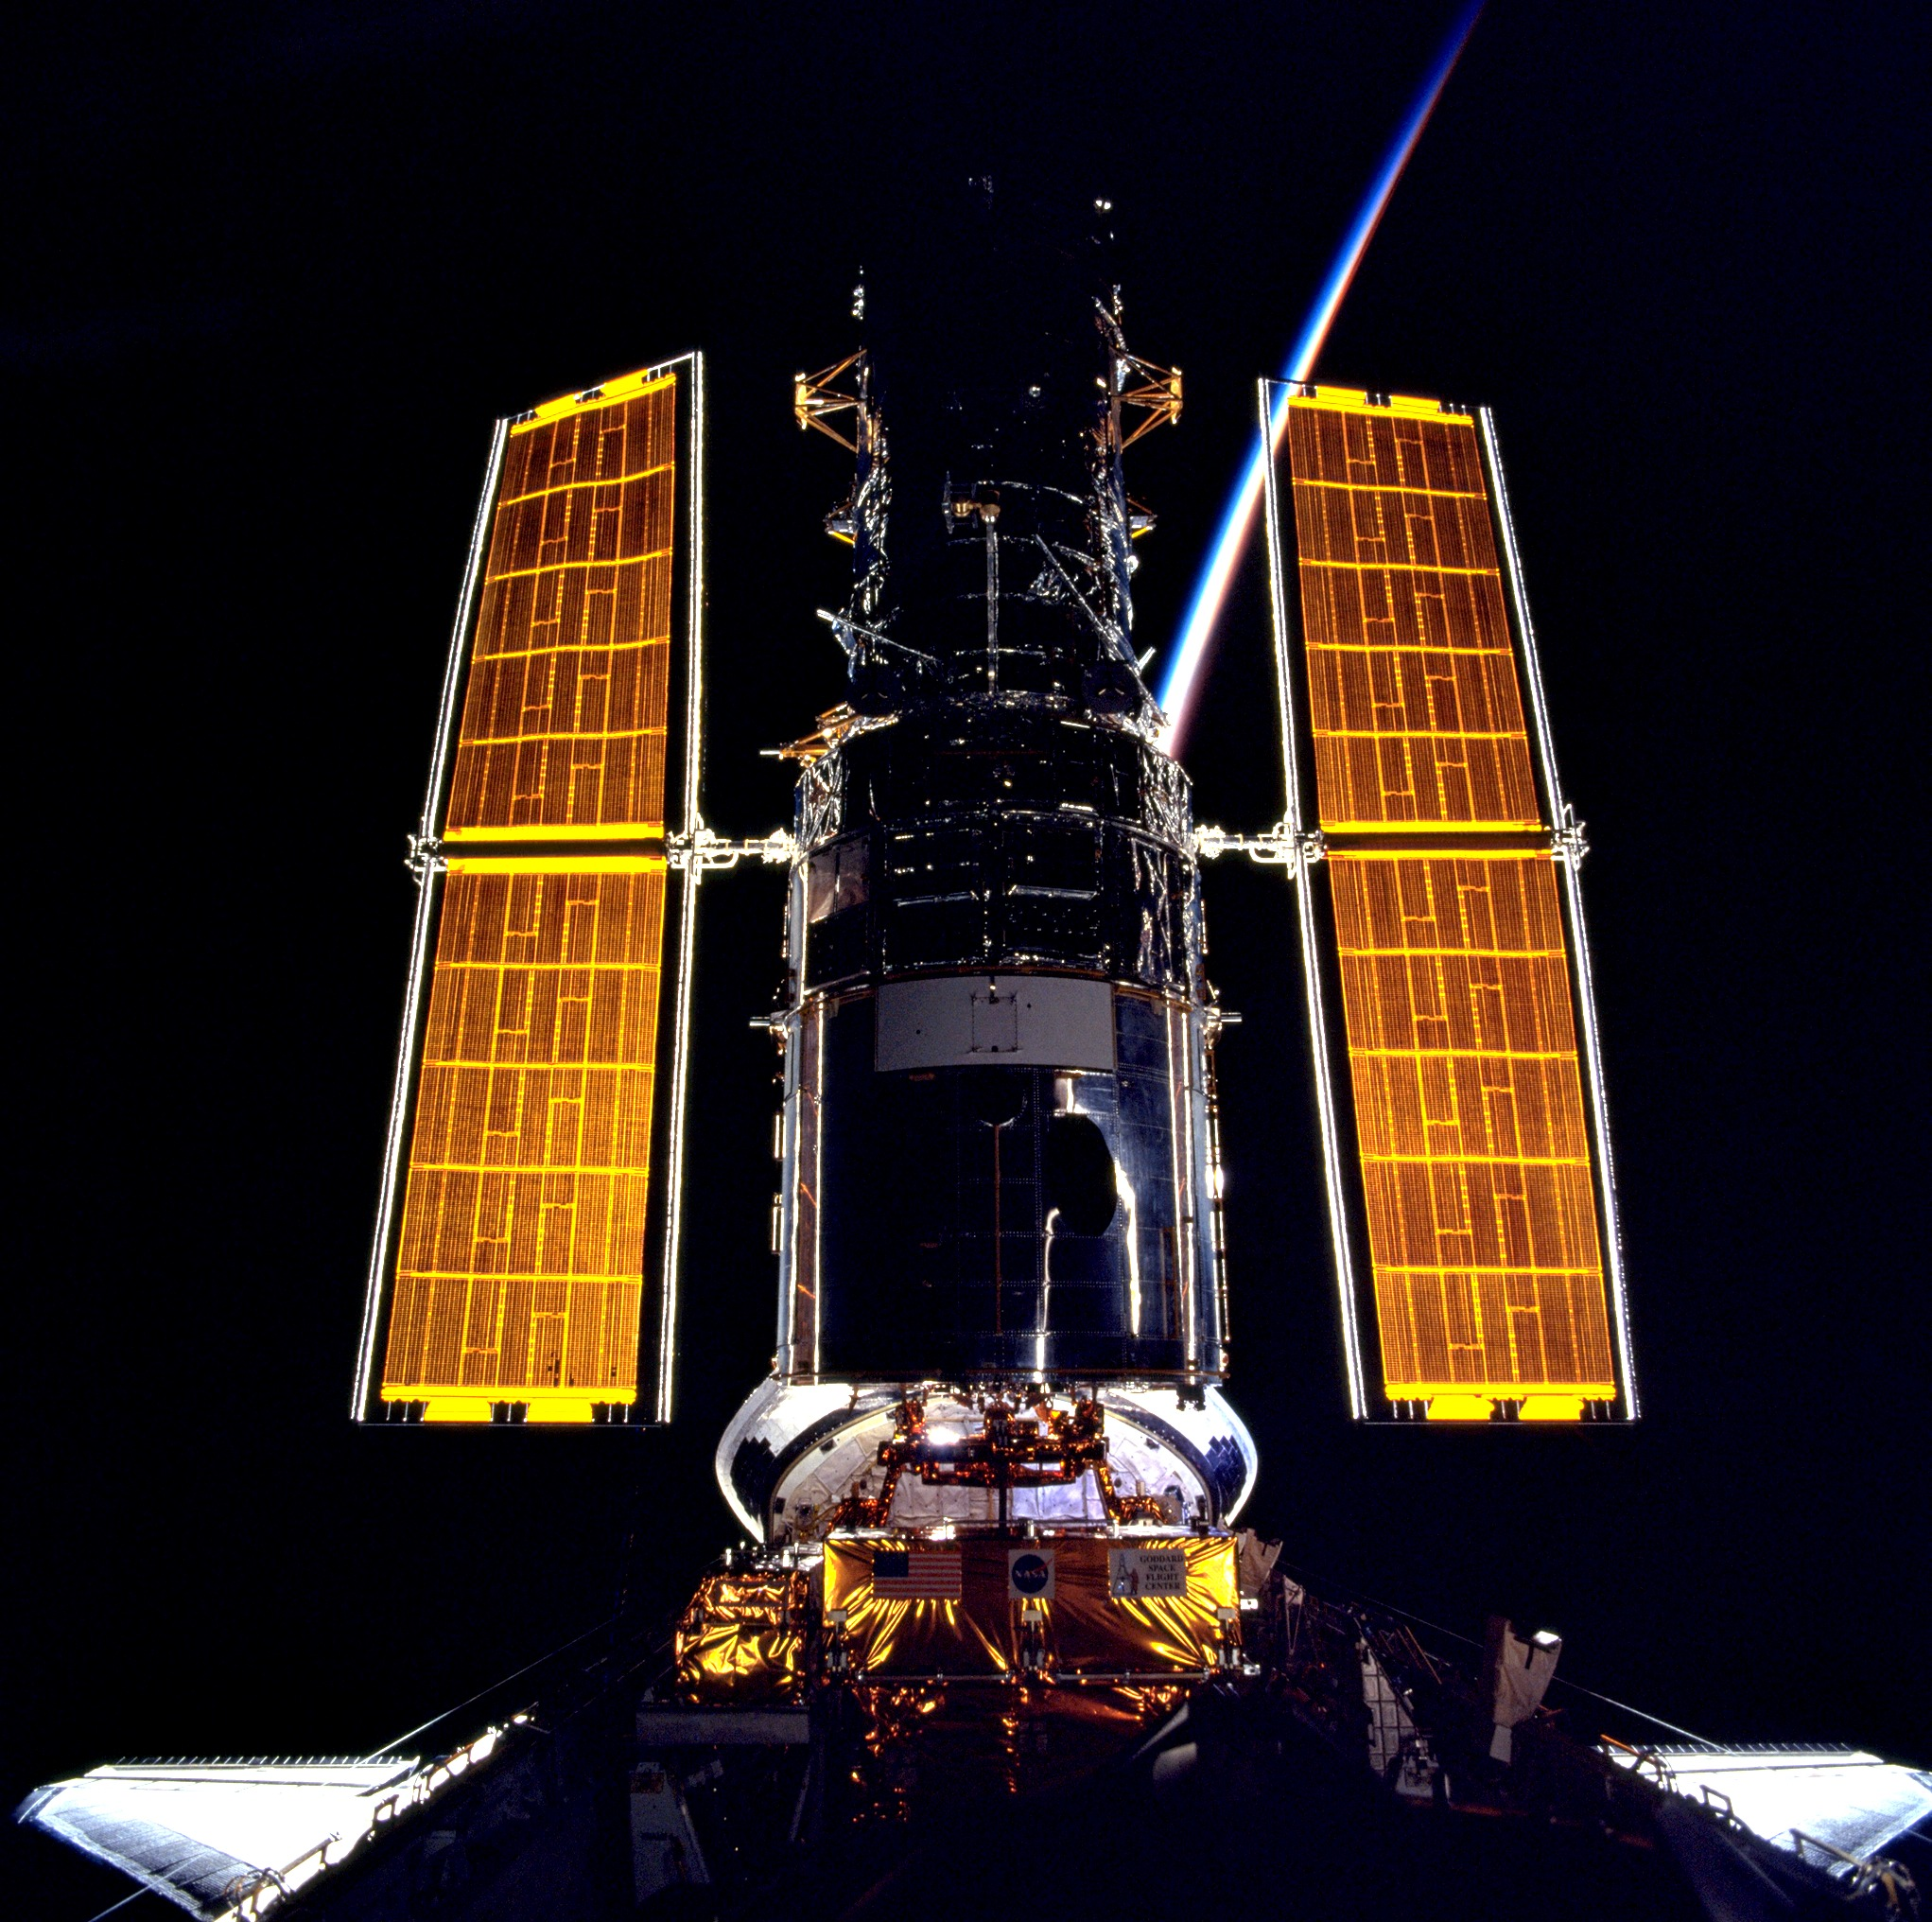 space shuttle hubble - photo #21